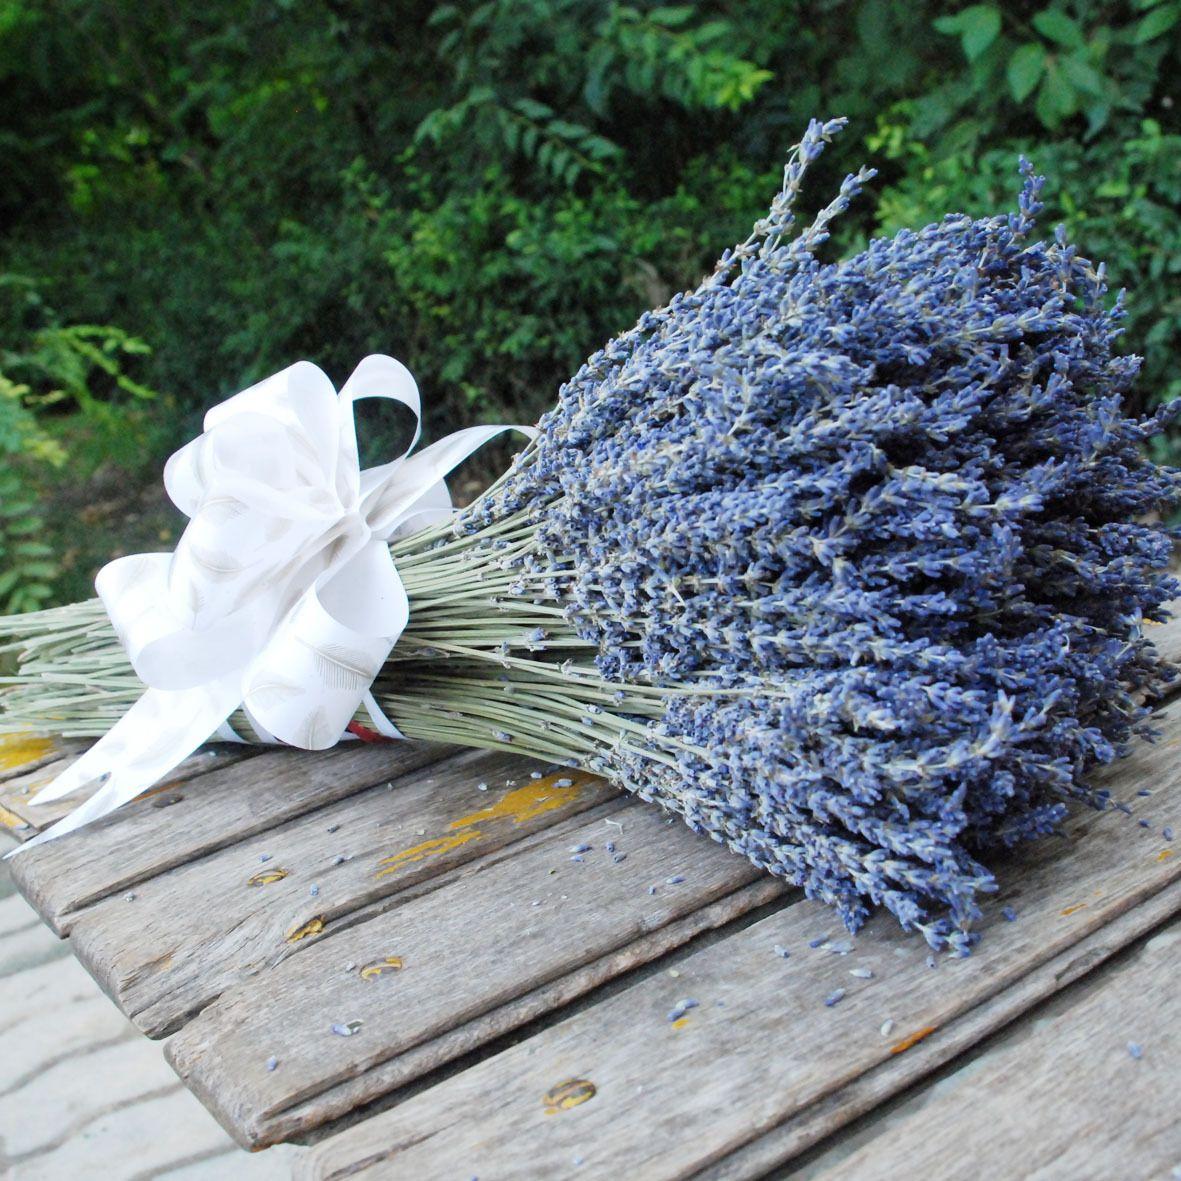 Dried lavender bouquet natural lavender flower bouquet rustic decoration aromatic $32.83